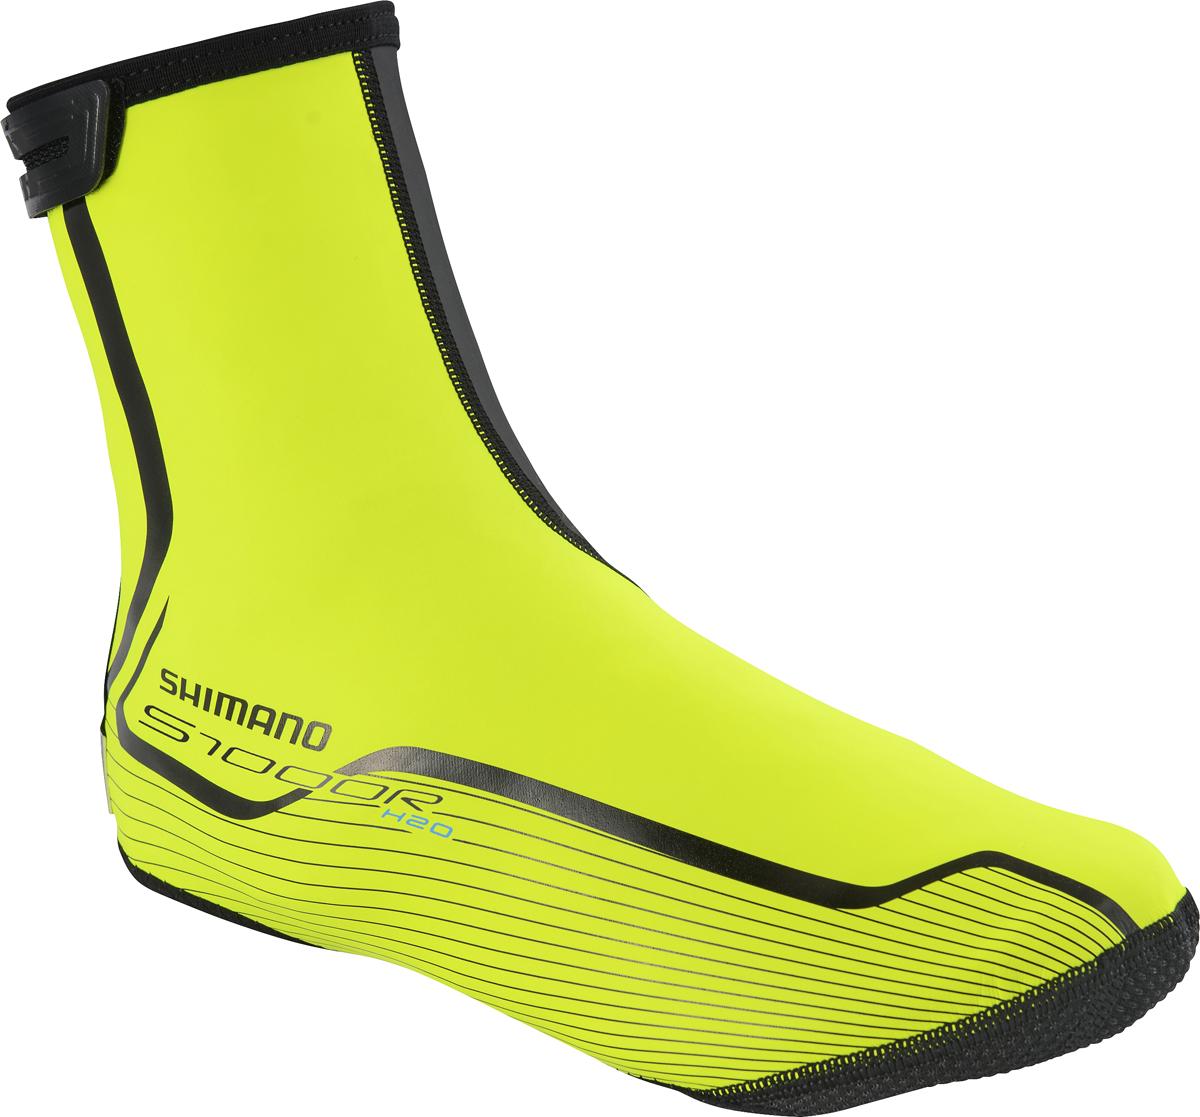 SHIMANO ROAD S1000R H2O návleky, neon žlutá, XXL